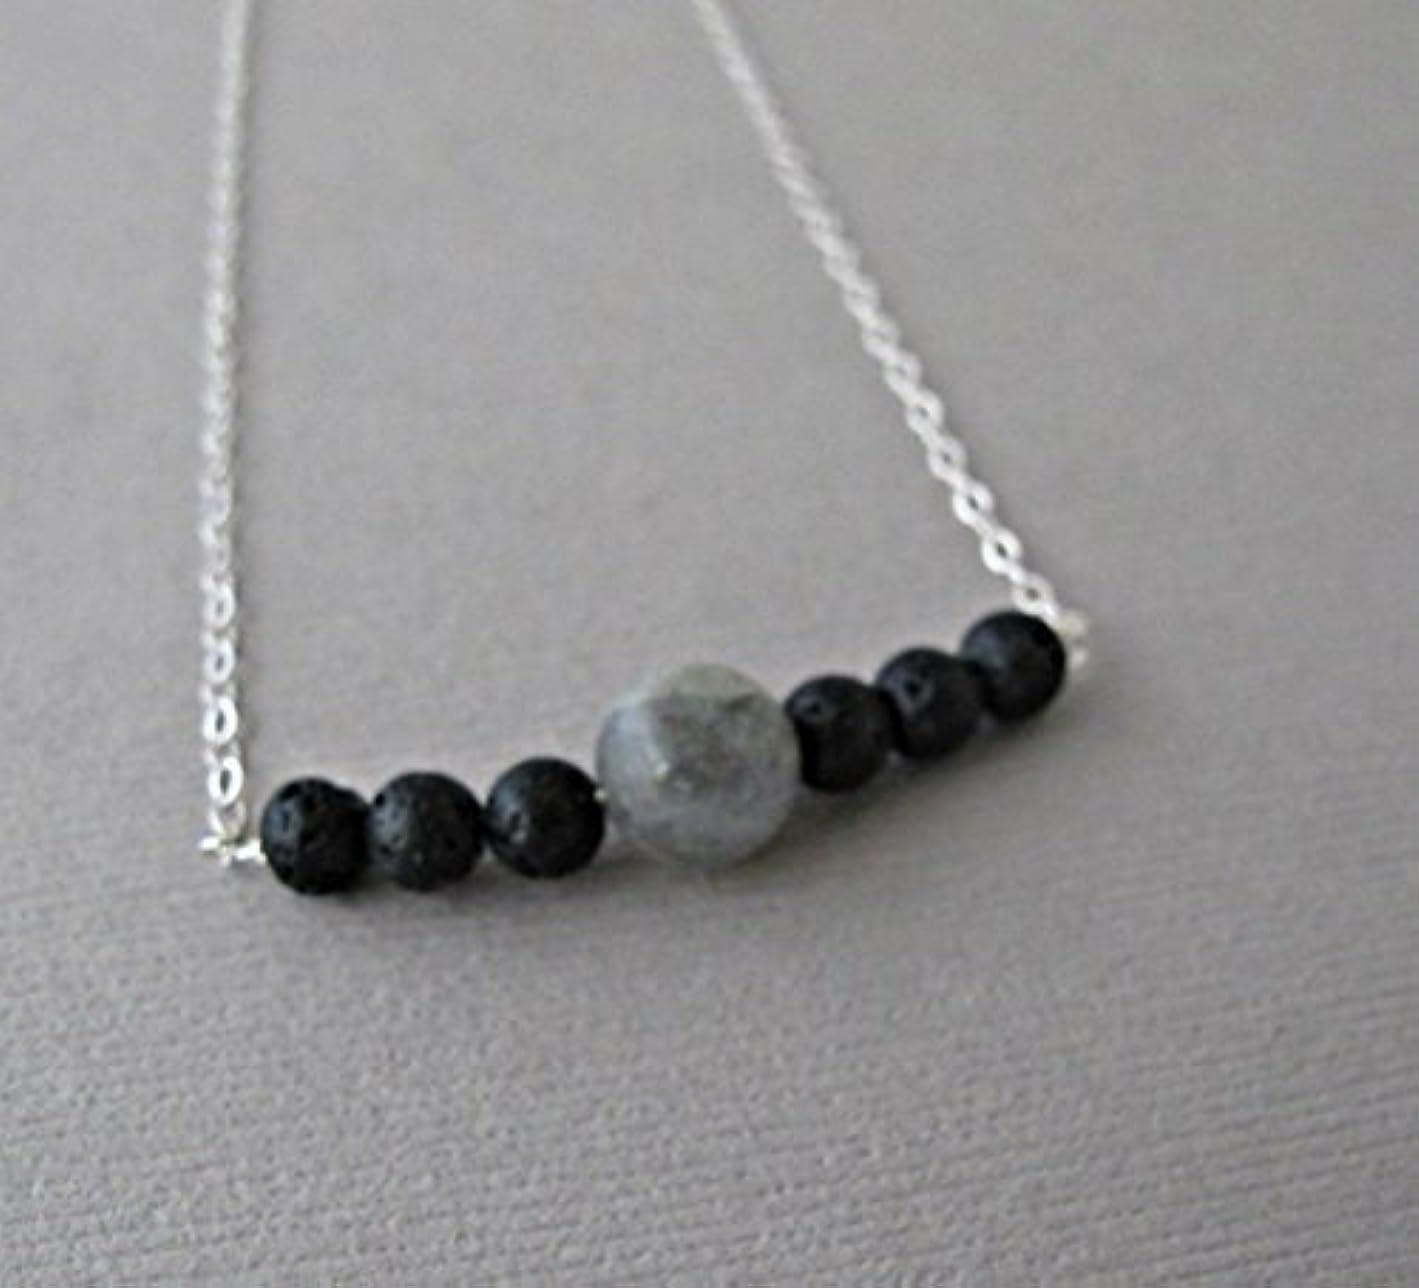 広告主収束するぼかすLabradorite Lava Pendant Essential Oil Necklace Diffuser Aromatherapy - Simple Minimalist Lava Bead Diffuser Necklace...